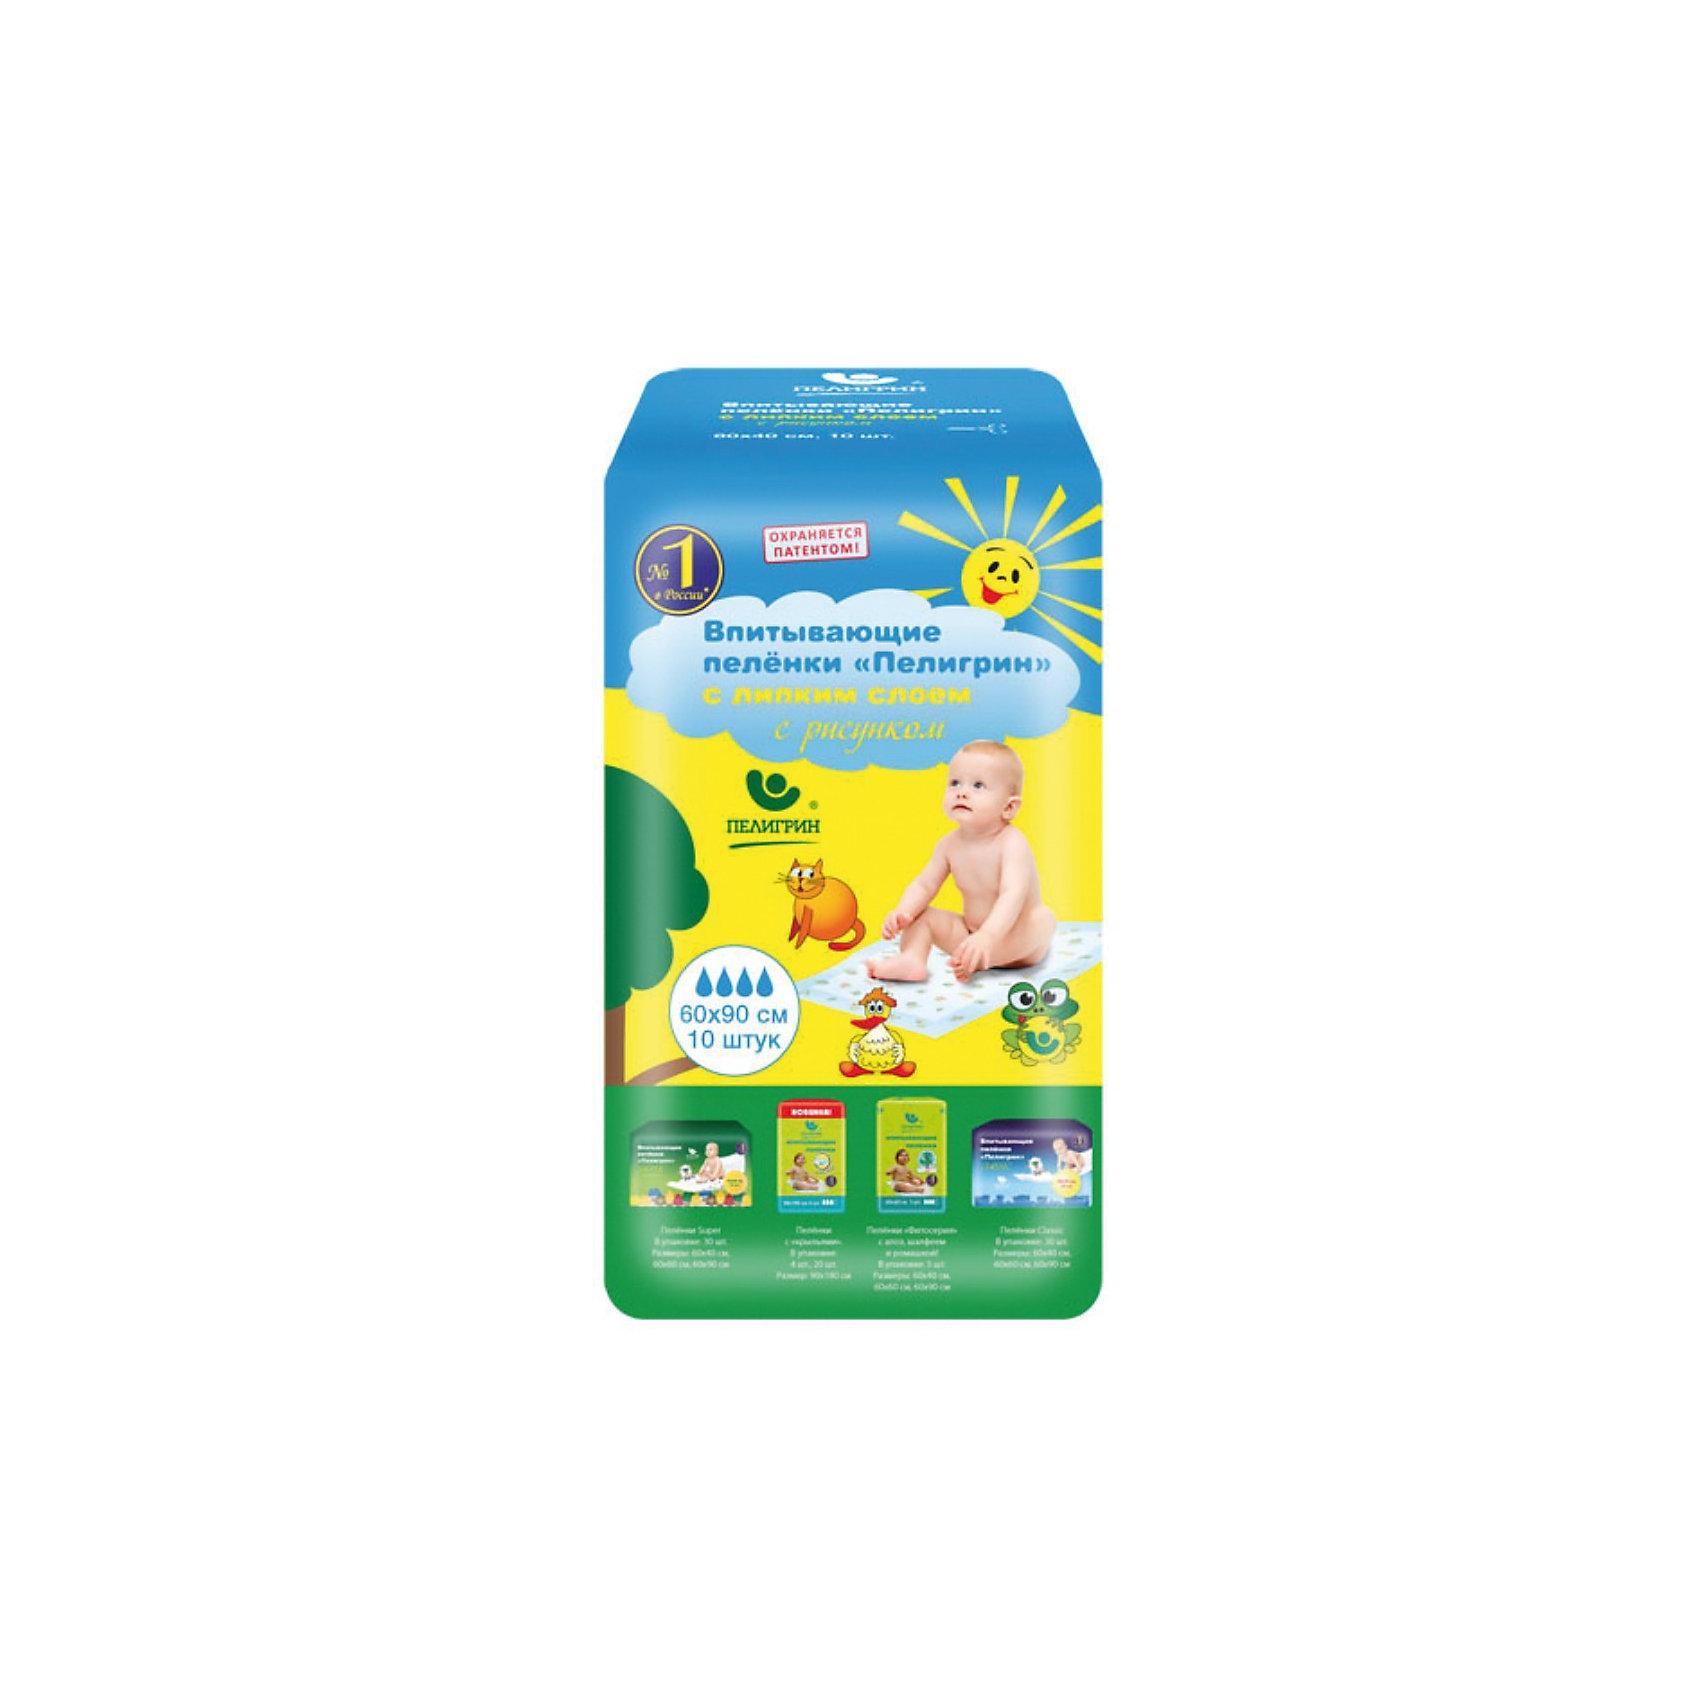 Детские впитывающие пеленки Пелигрин с липким слоем, 90х60 см., 10 шт